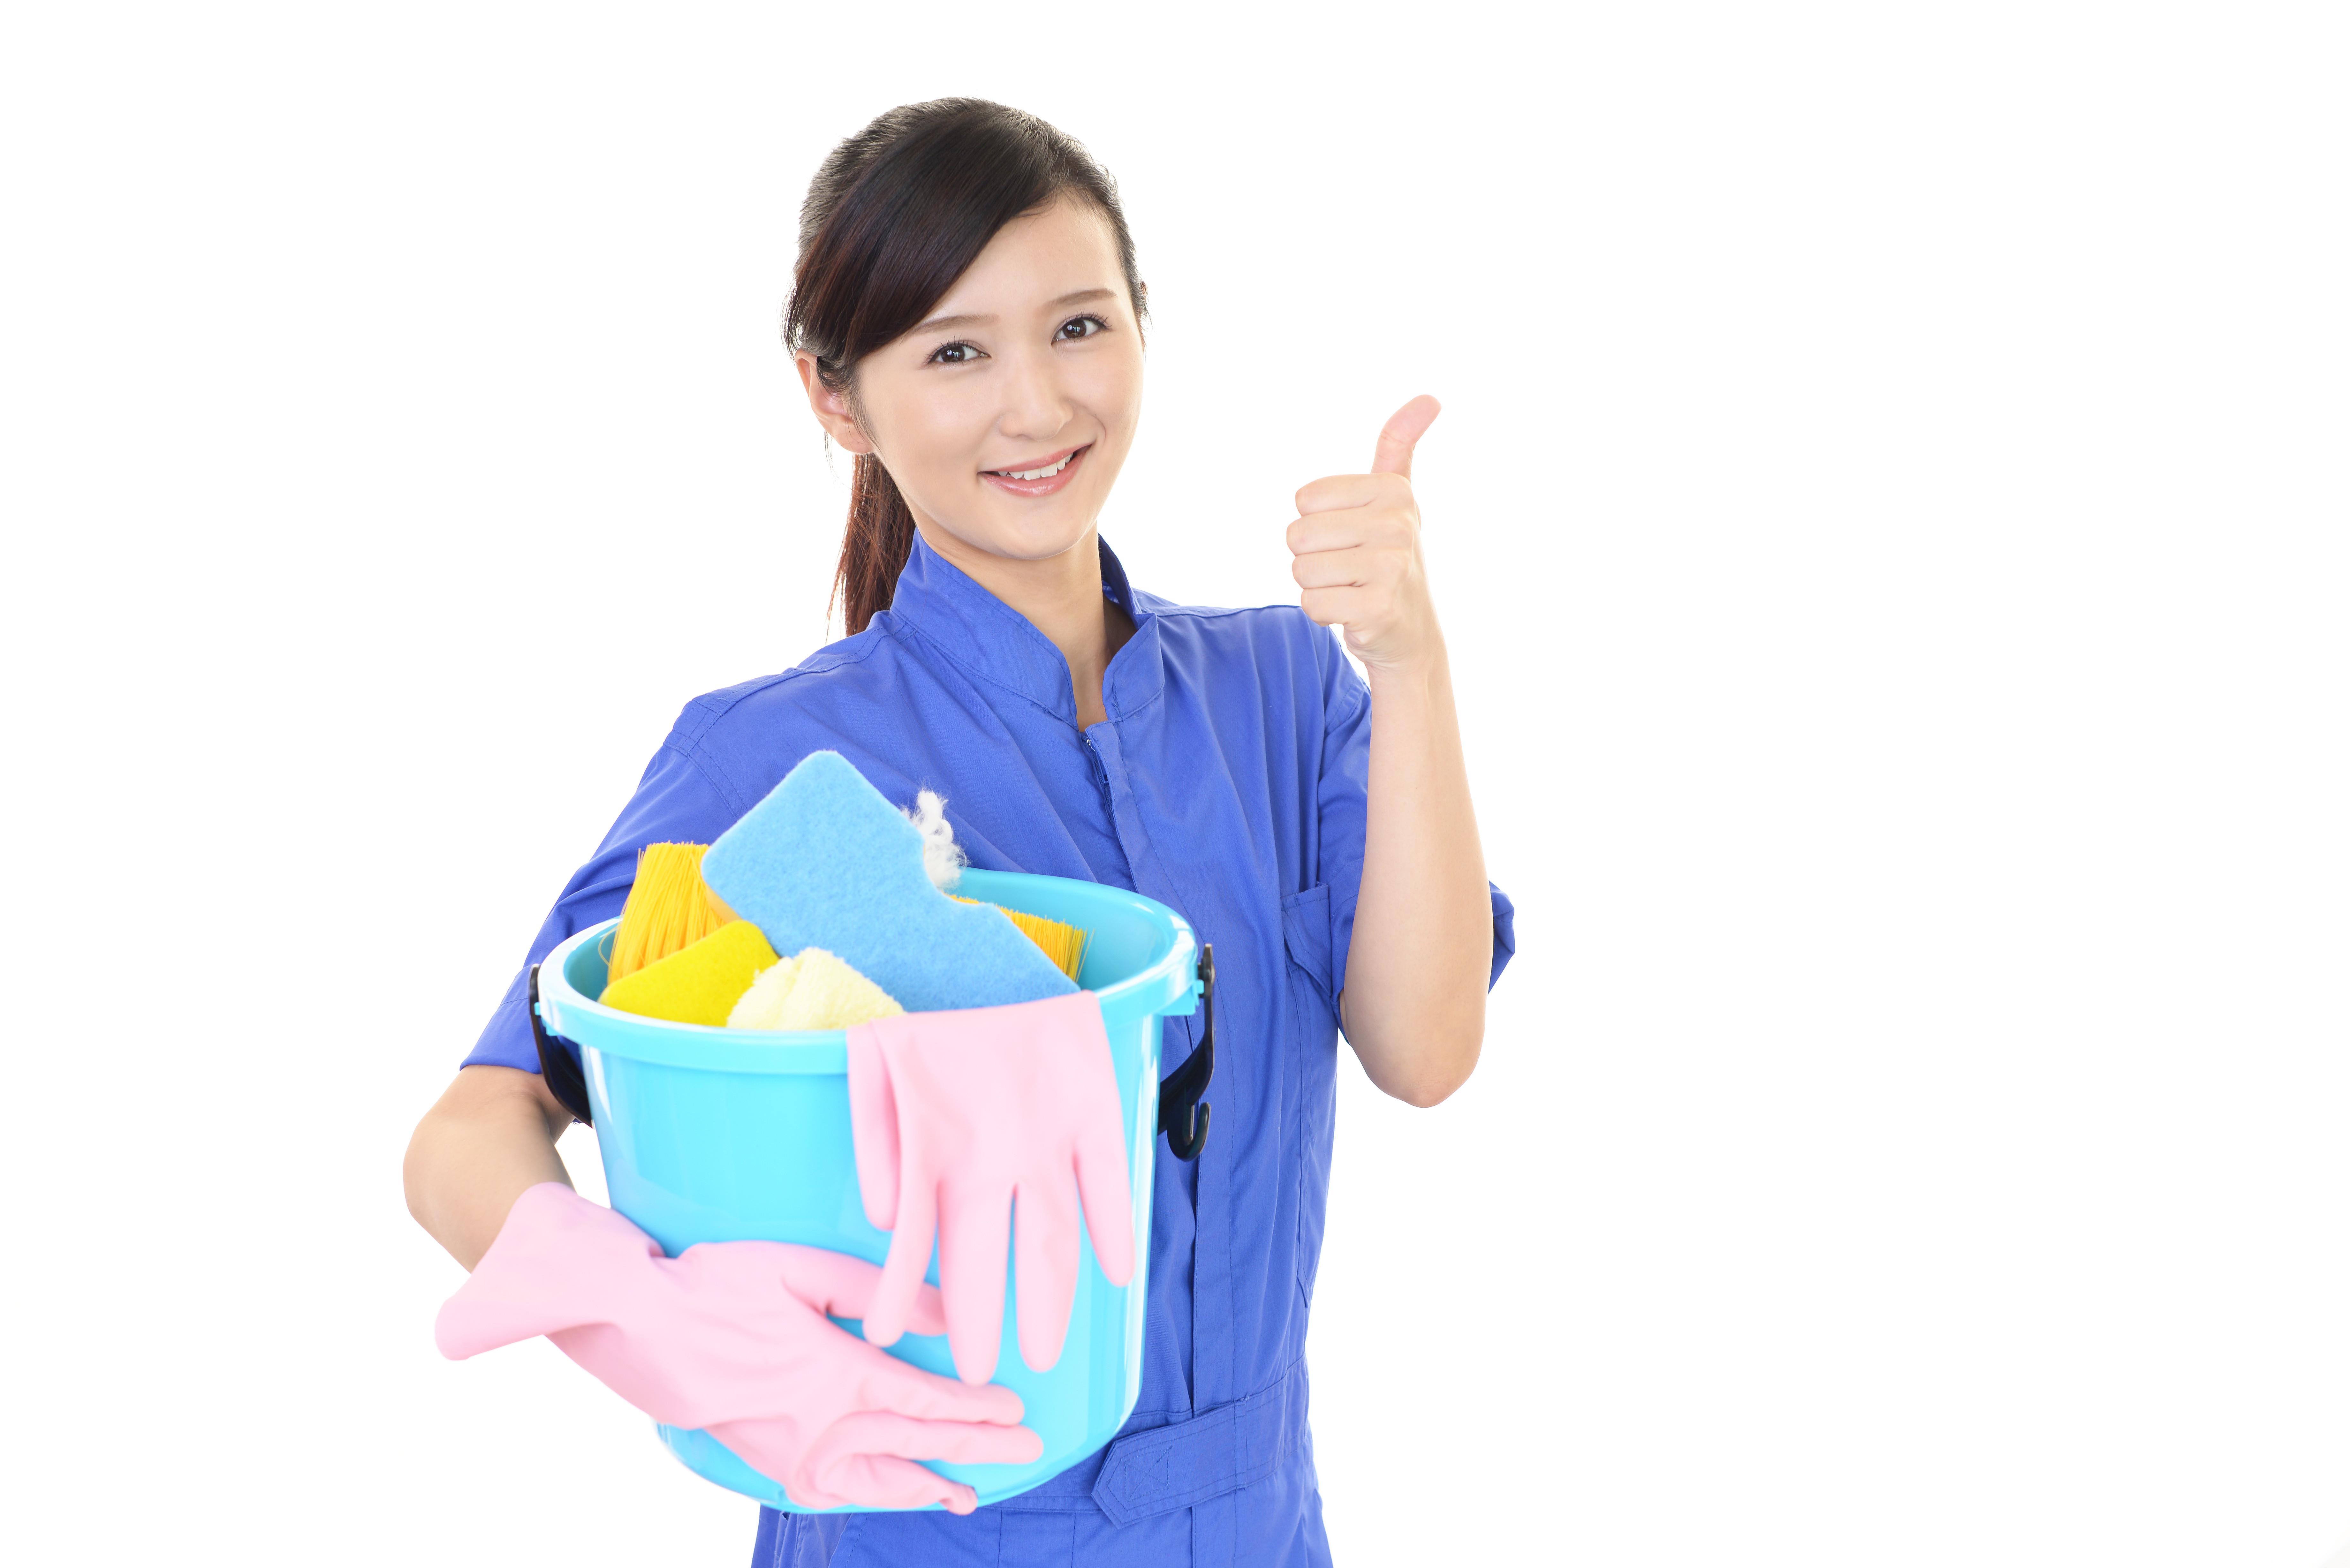 清掃スタッフ 西新宿エリア 株式会社ネオマック のアルバイト情報